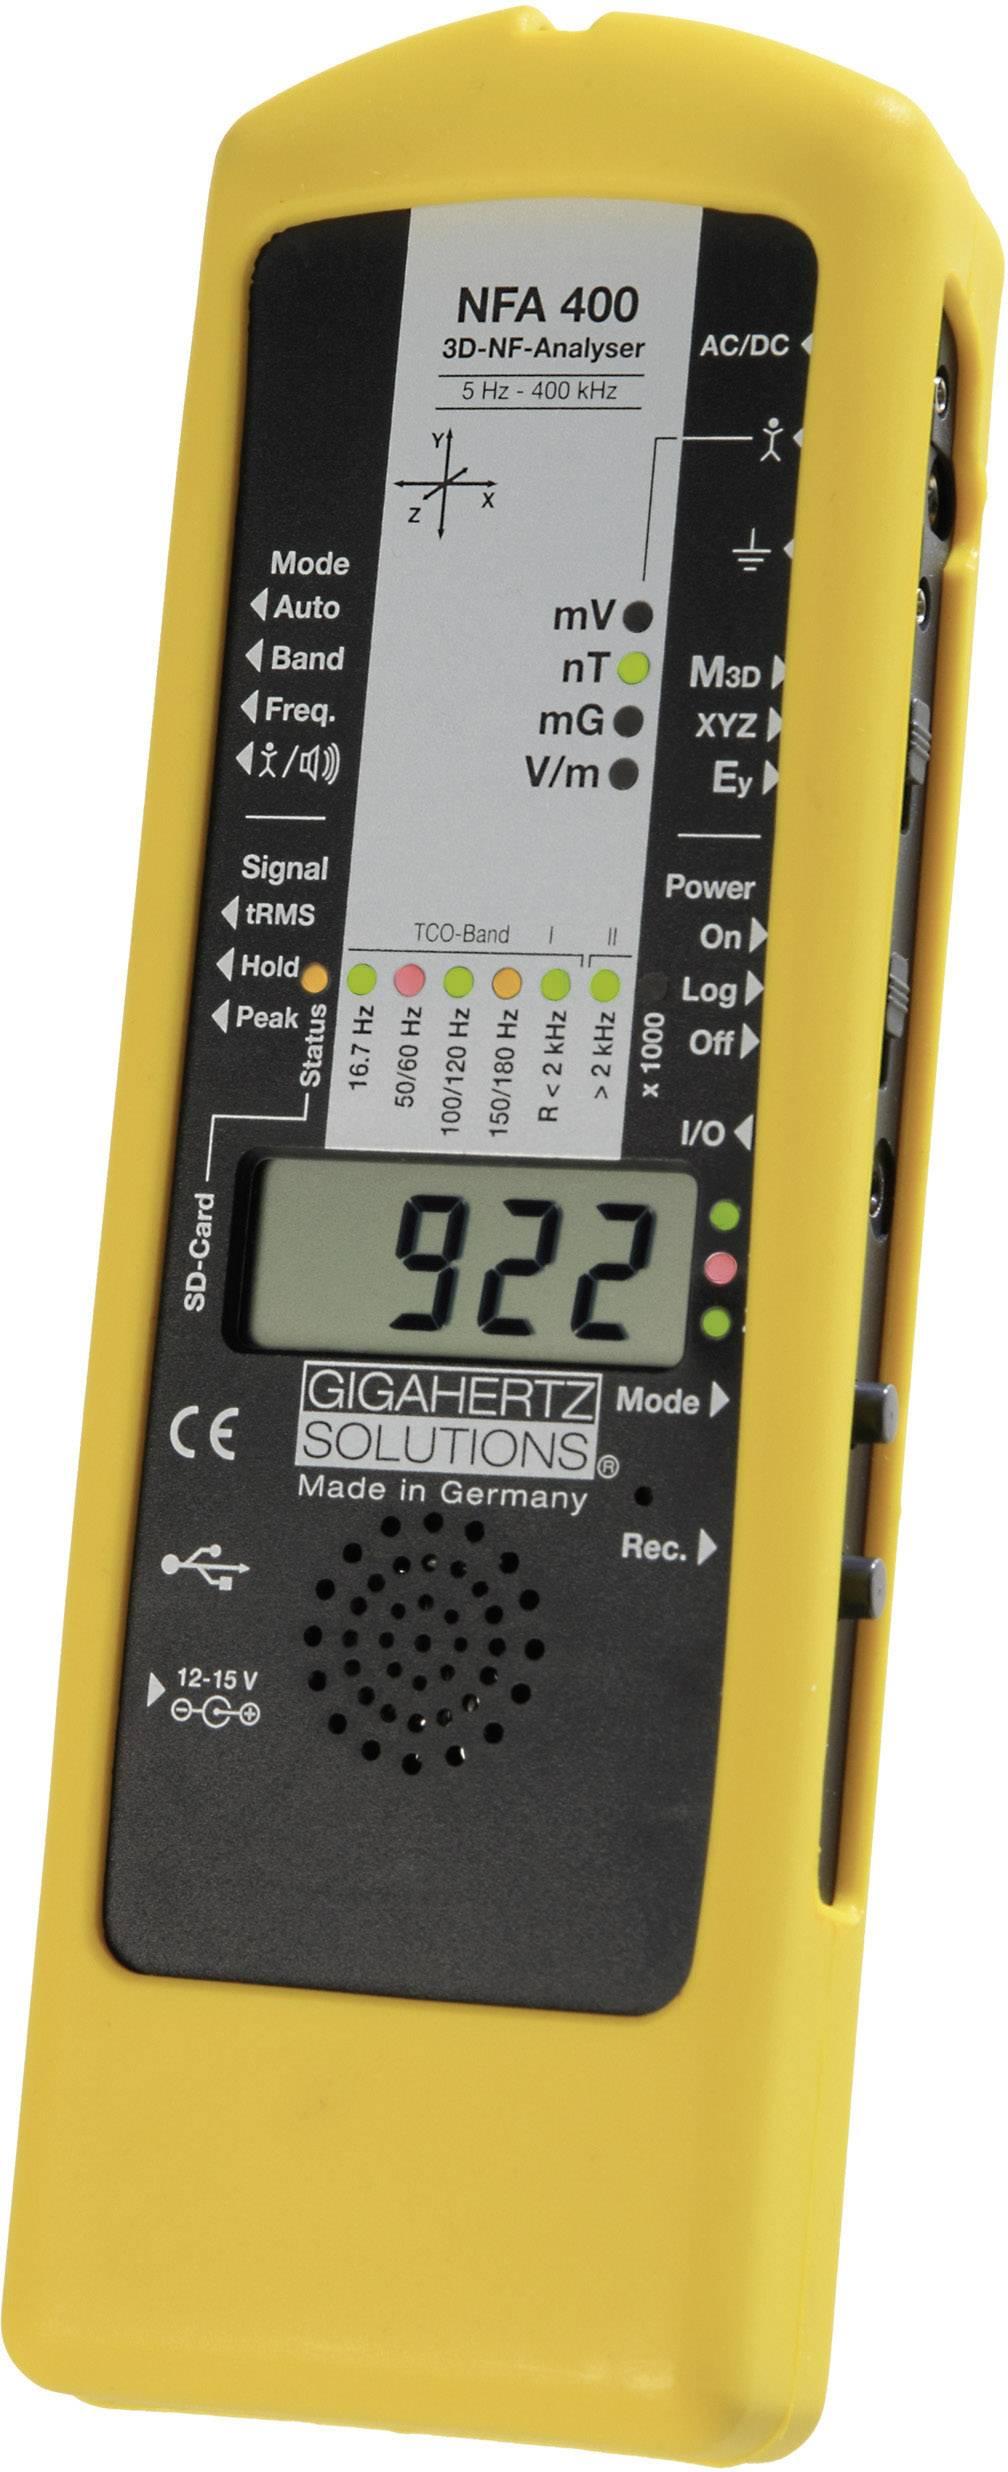 Merač elektrosmogu Gigahertz Solutions NFA400 350-010, 5 Hz - 400 kHz